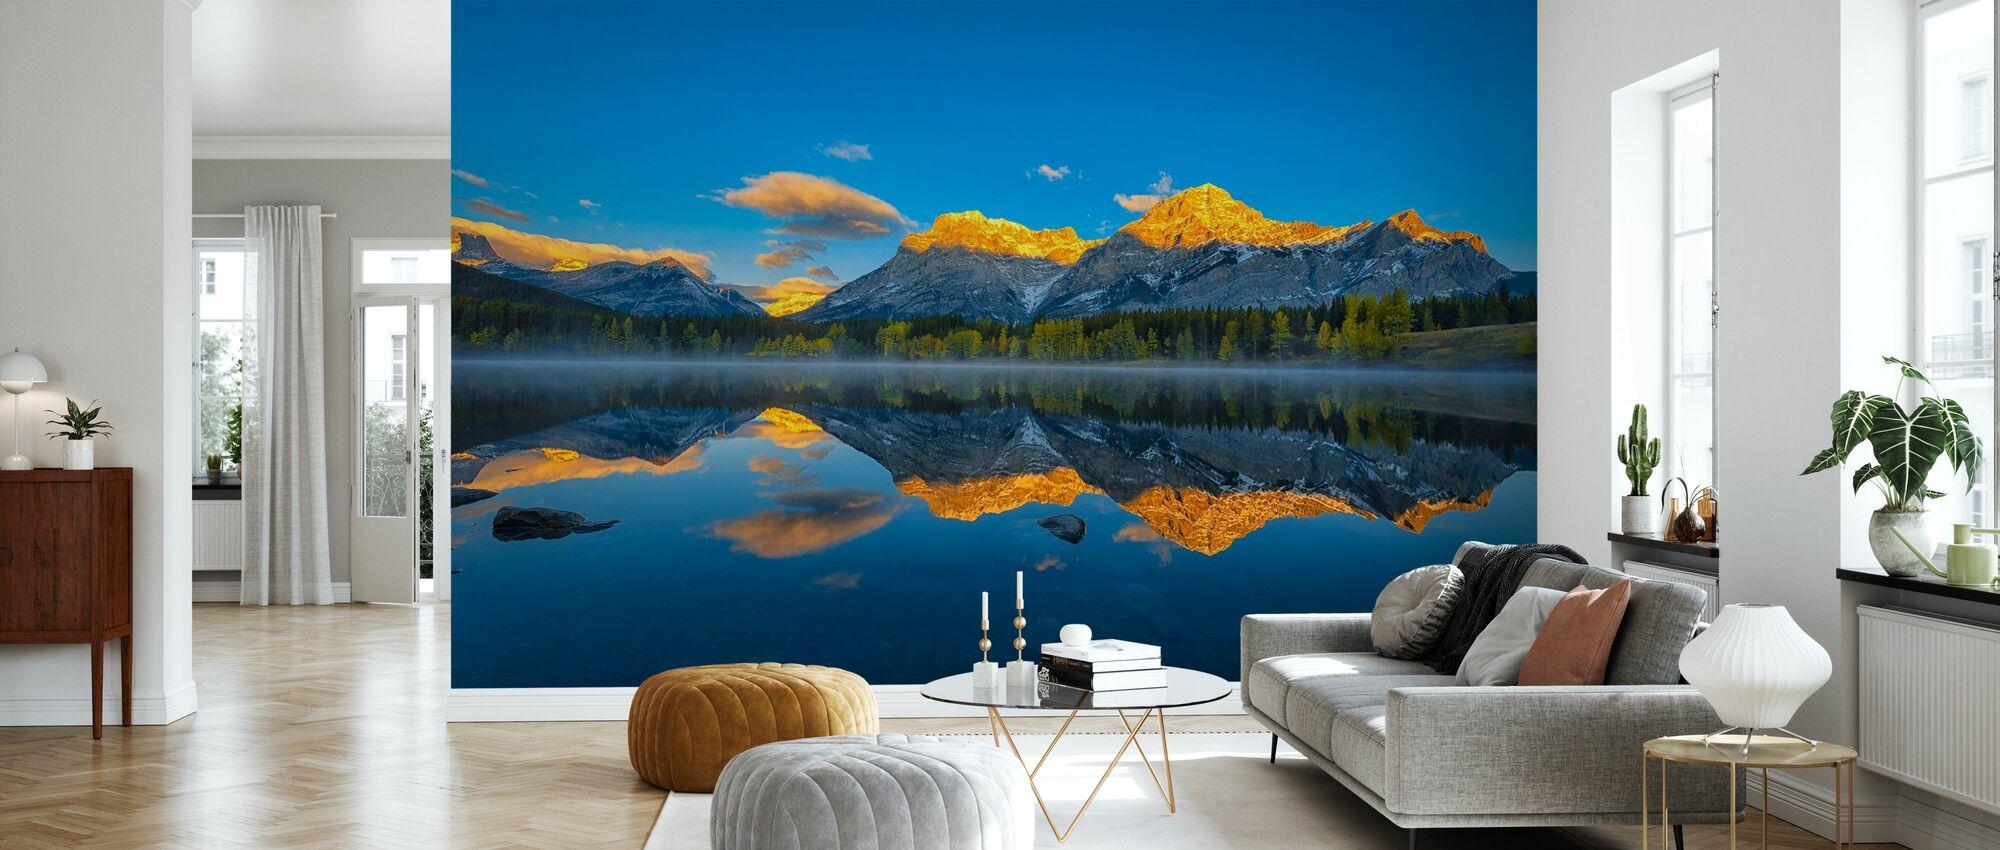 Perfekt morgon i Kanadensiska Klippiga - Tapet - Vardagsrum